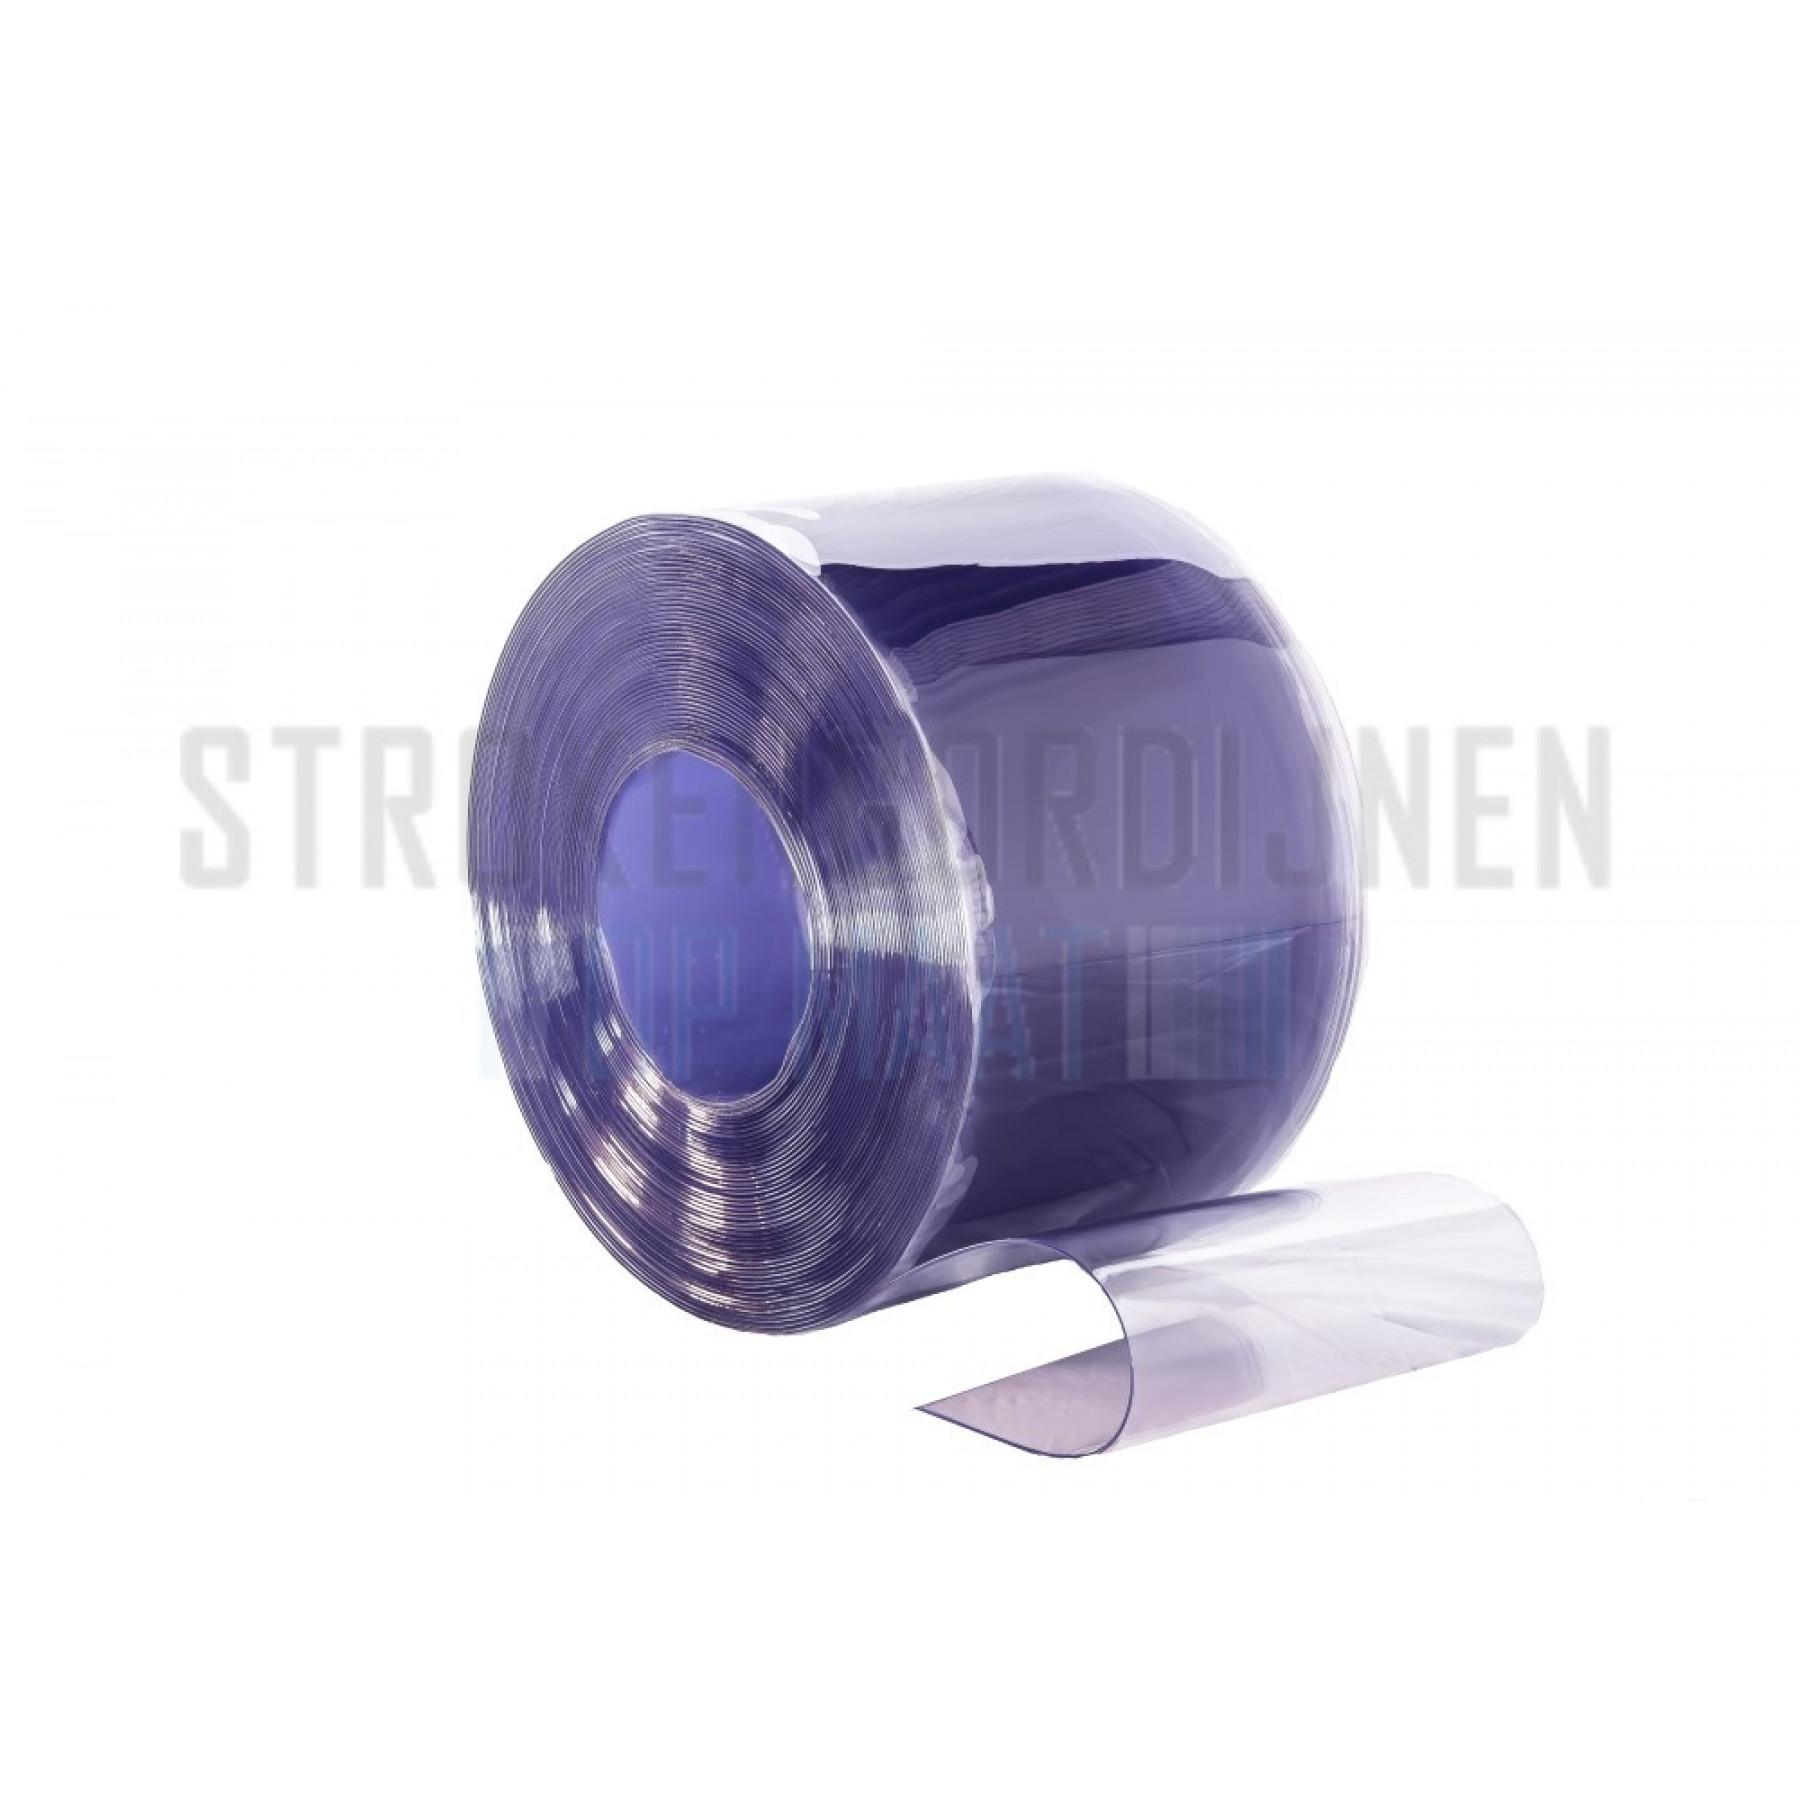 PVC Streifen zur Renovierung, 300mm breit, 3mm dick, Tiefkühlraum Qualität, transparent